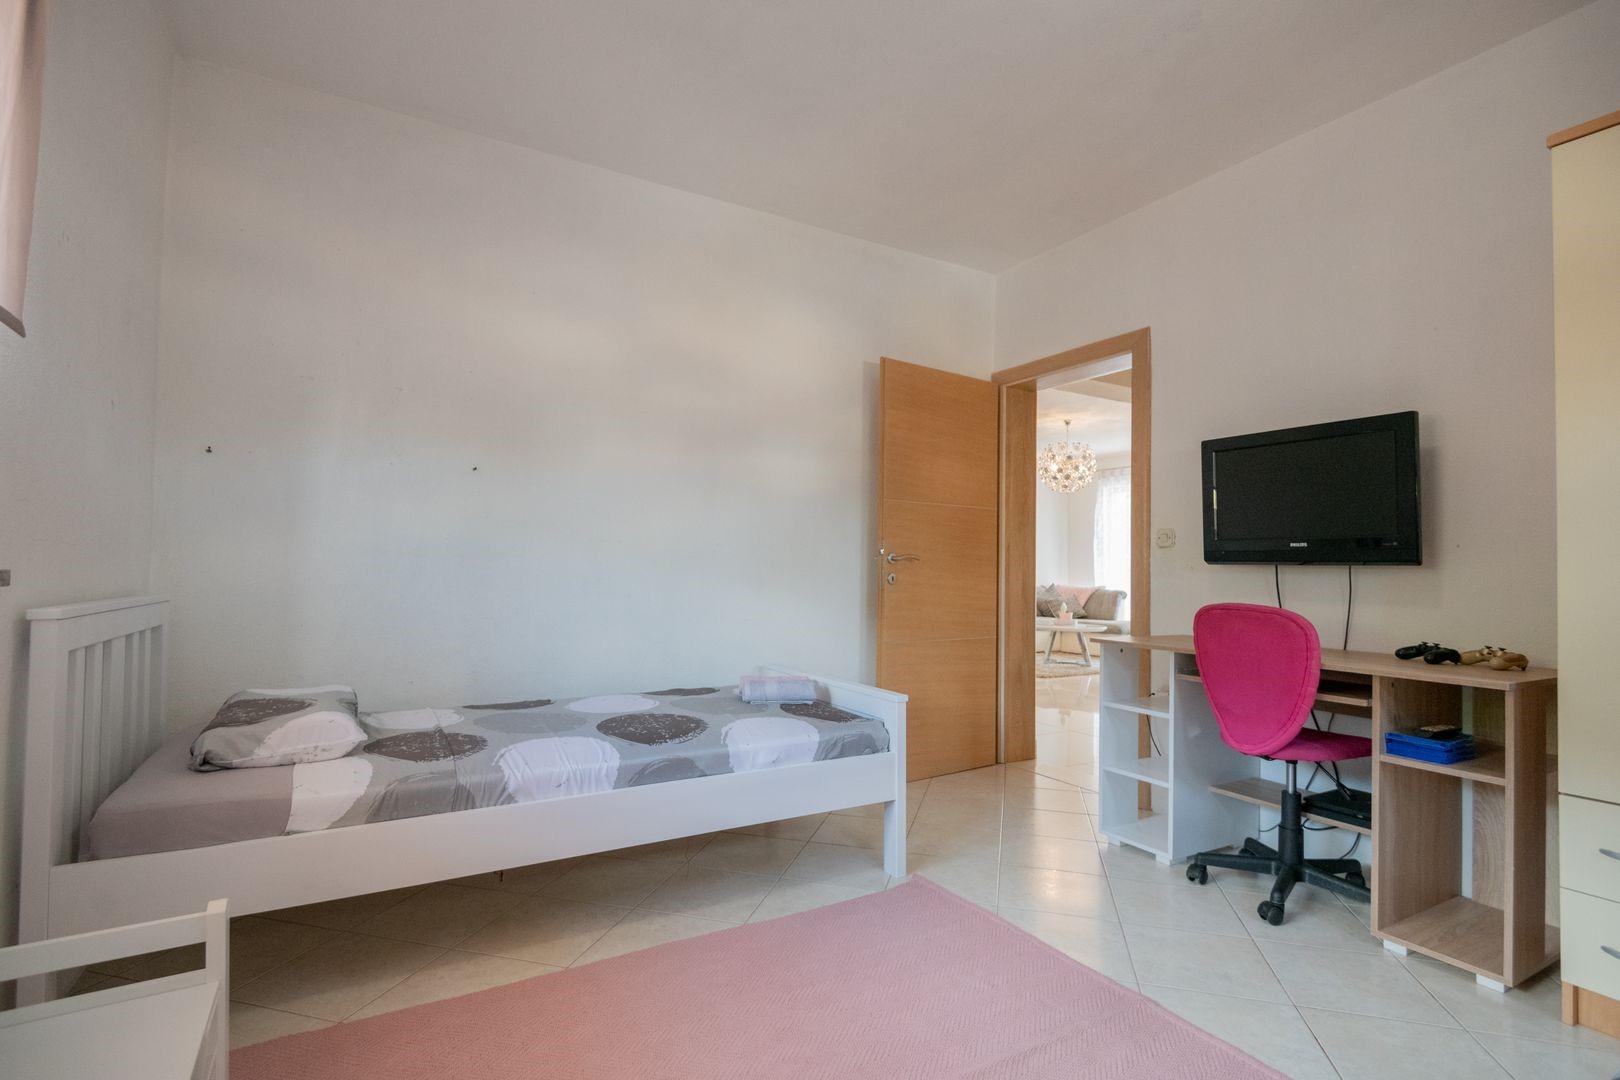 Ferienhaus ctim298-Modernes Ferienhaus mit Pool für 4+2 Personen (2639599), Kamenmost, , Dalmatien, Kroatien, Bild 6